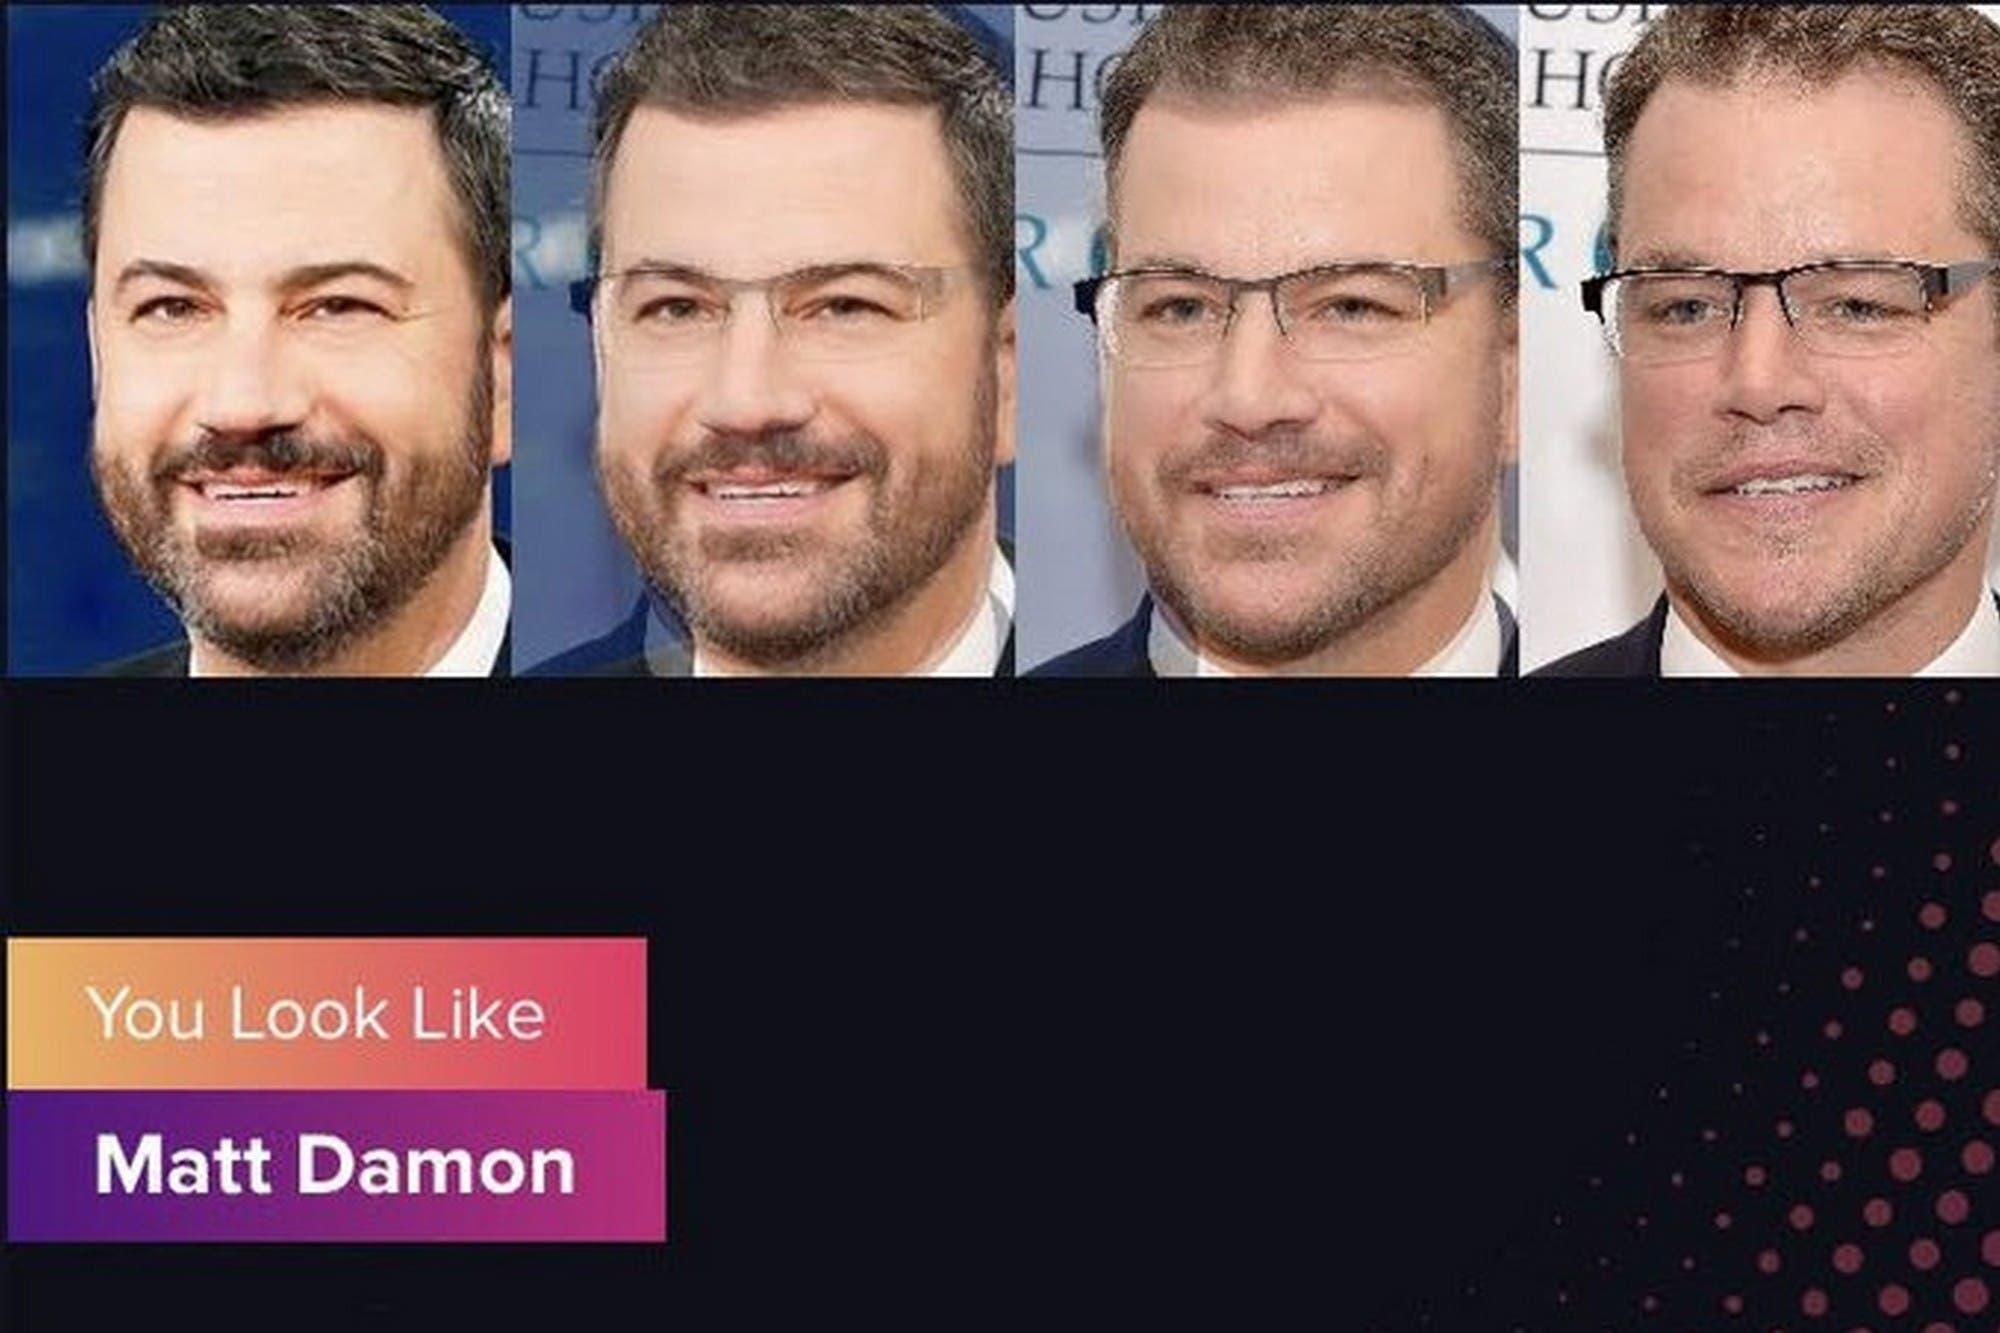 Así es Gradient, la app que te dice a qué famoso se parece tu rostro